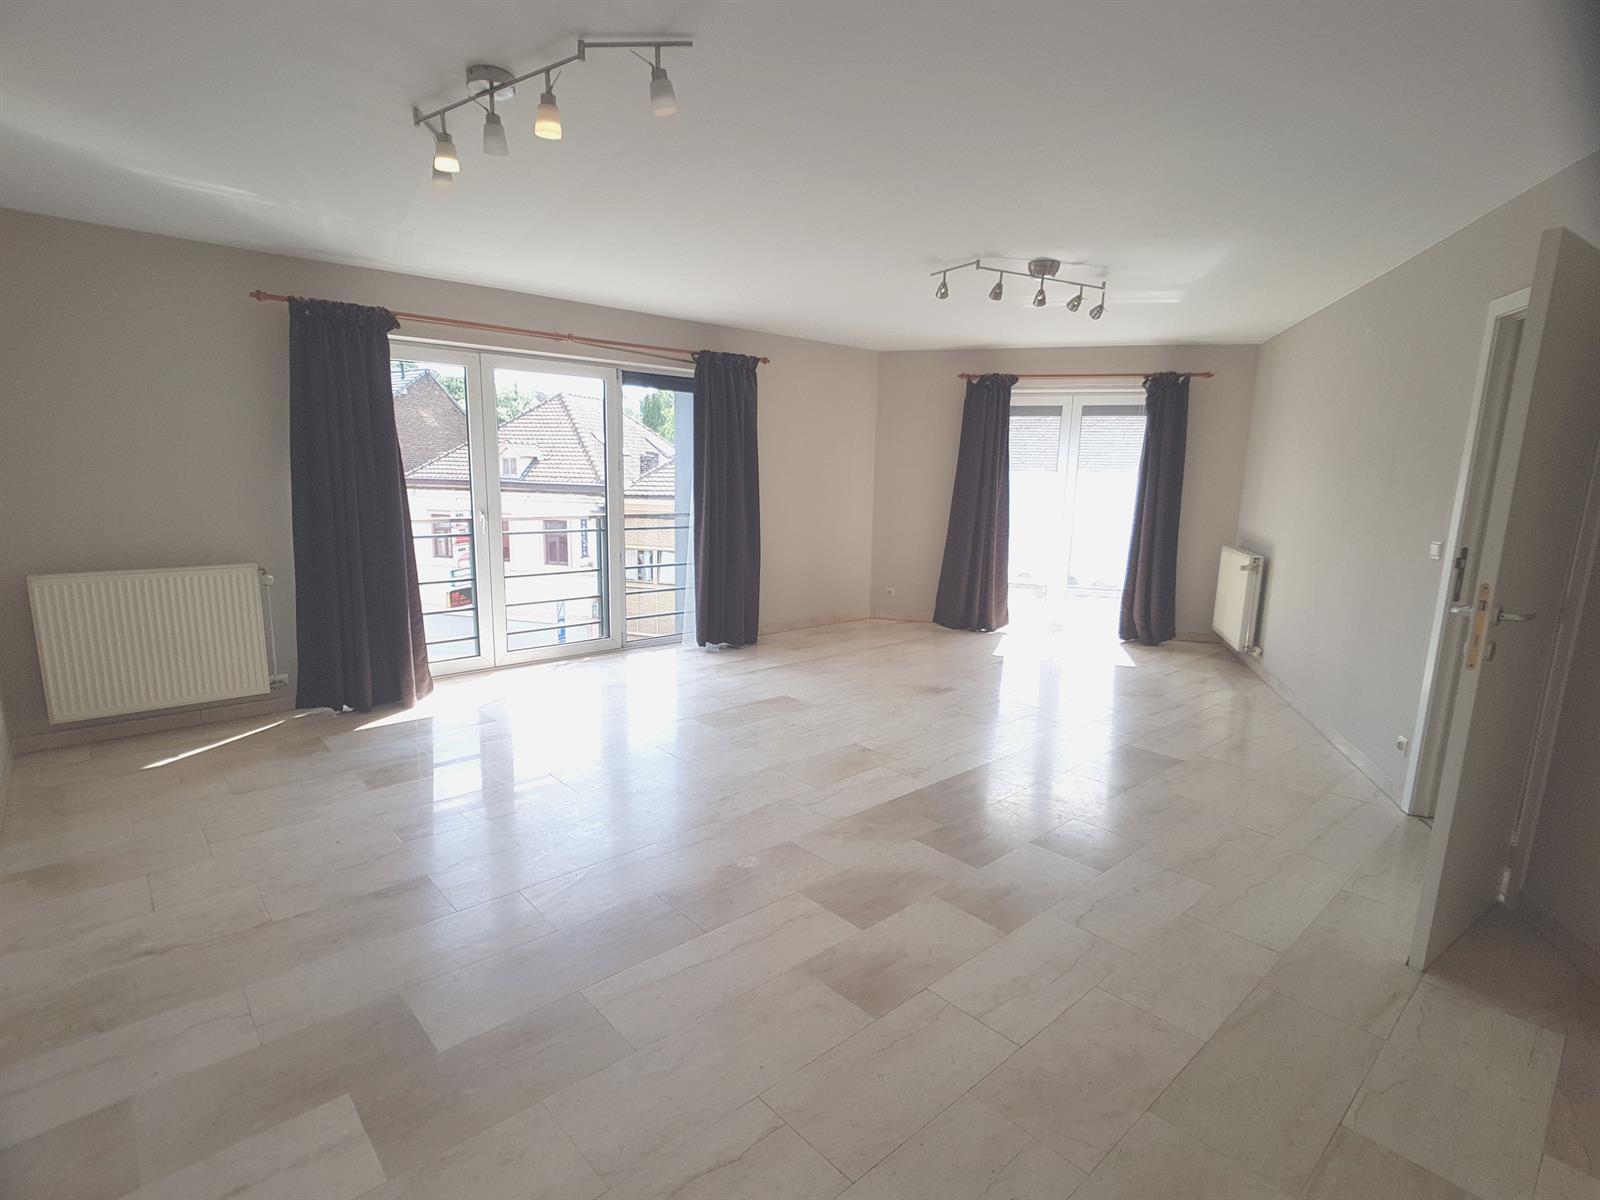 Appartement - Court-St.-Etienne - #4078945-3